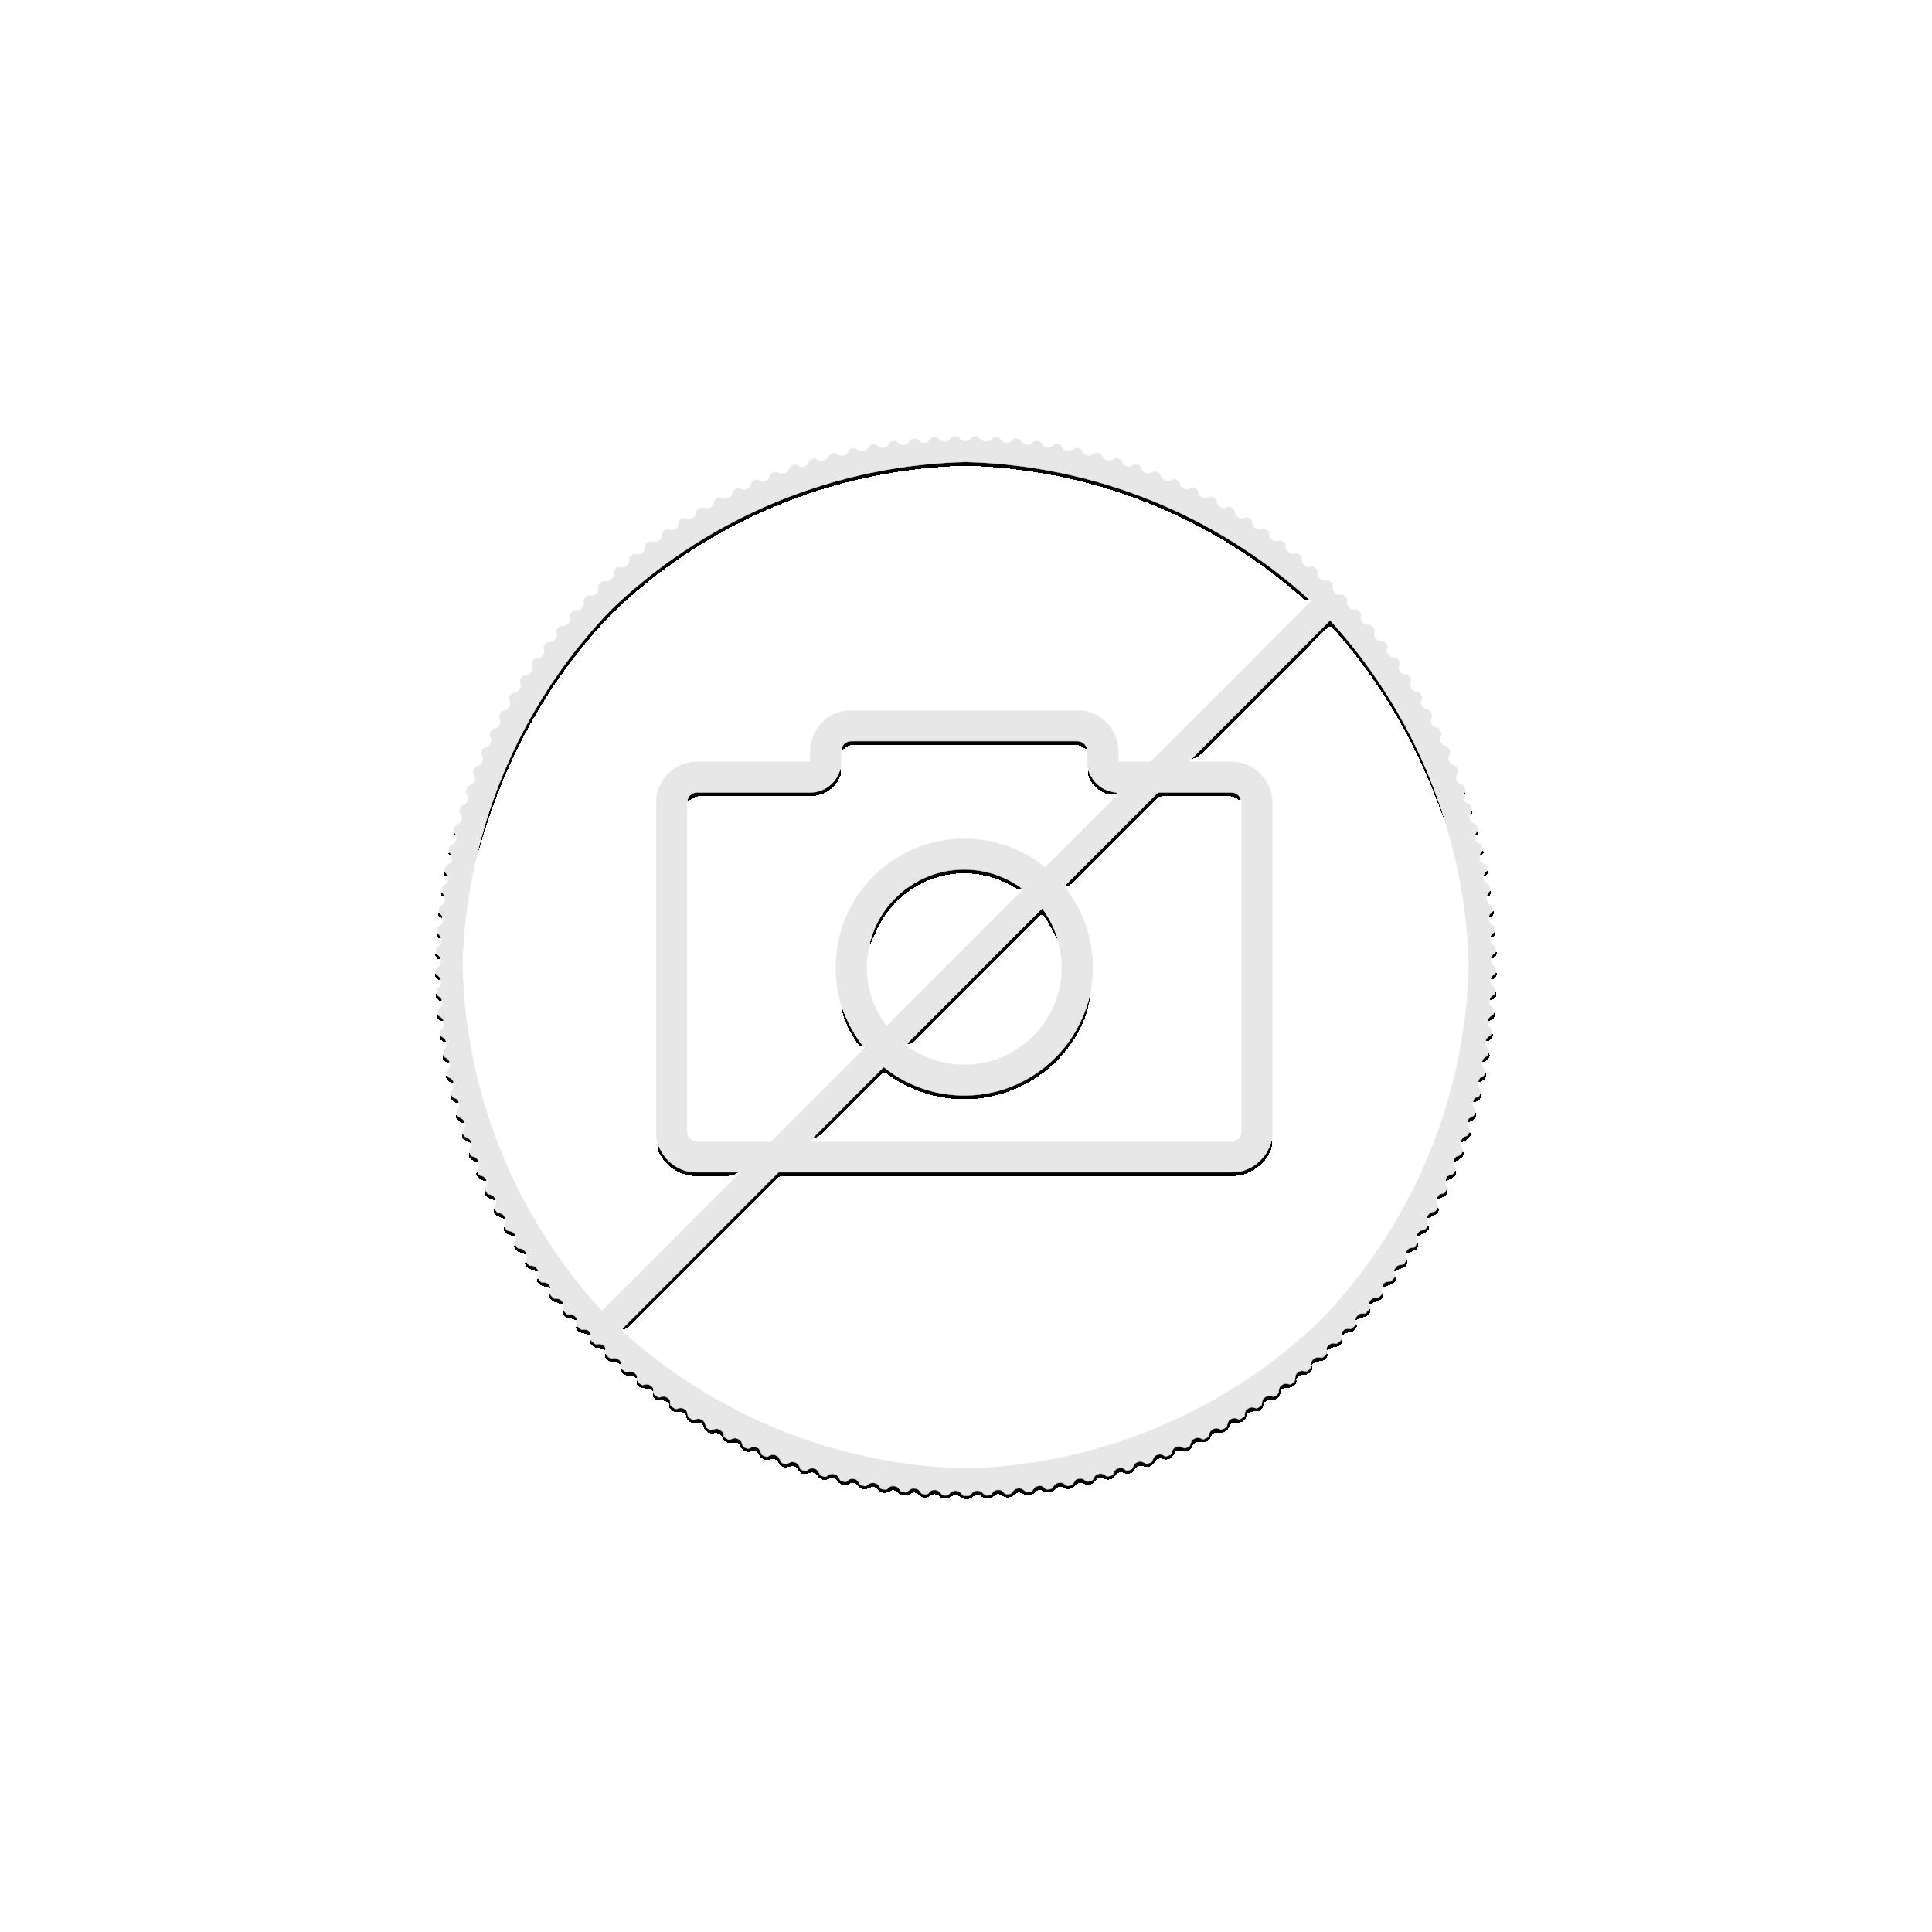 2 troy ounce zilveren munt Australische Brumby 2020 Proof